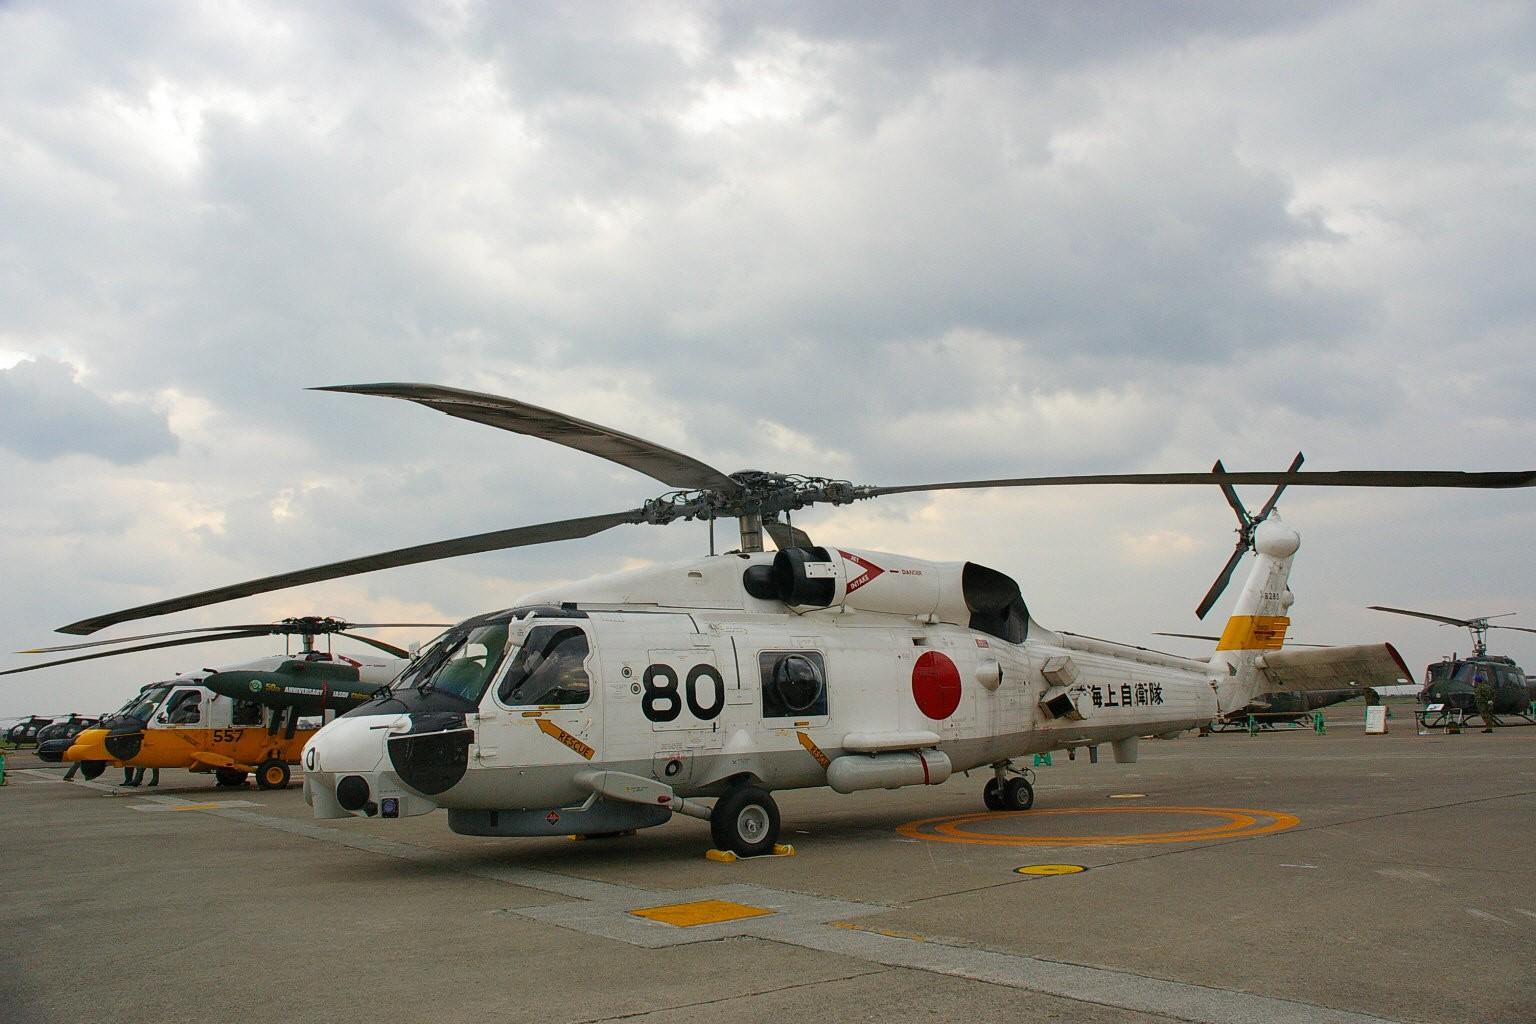 ВЯпонии потерпел крушение вертолет спасательной службы